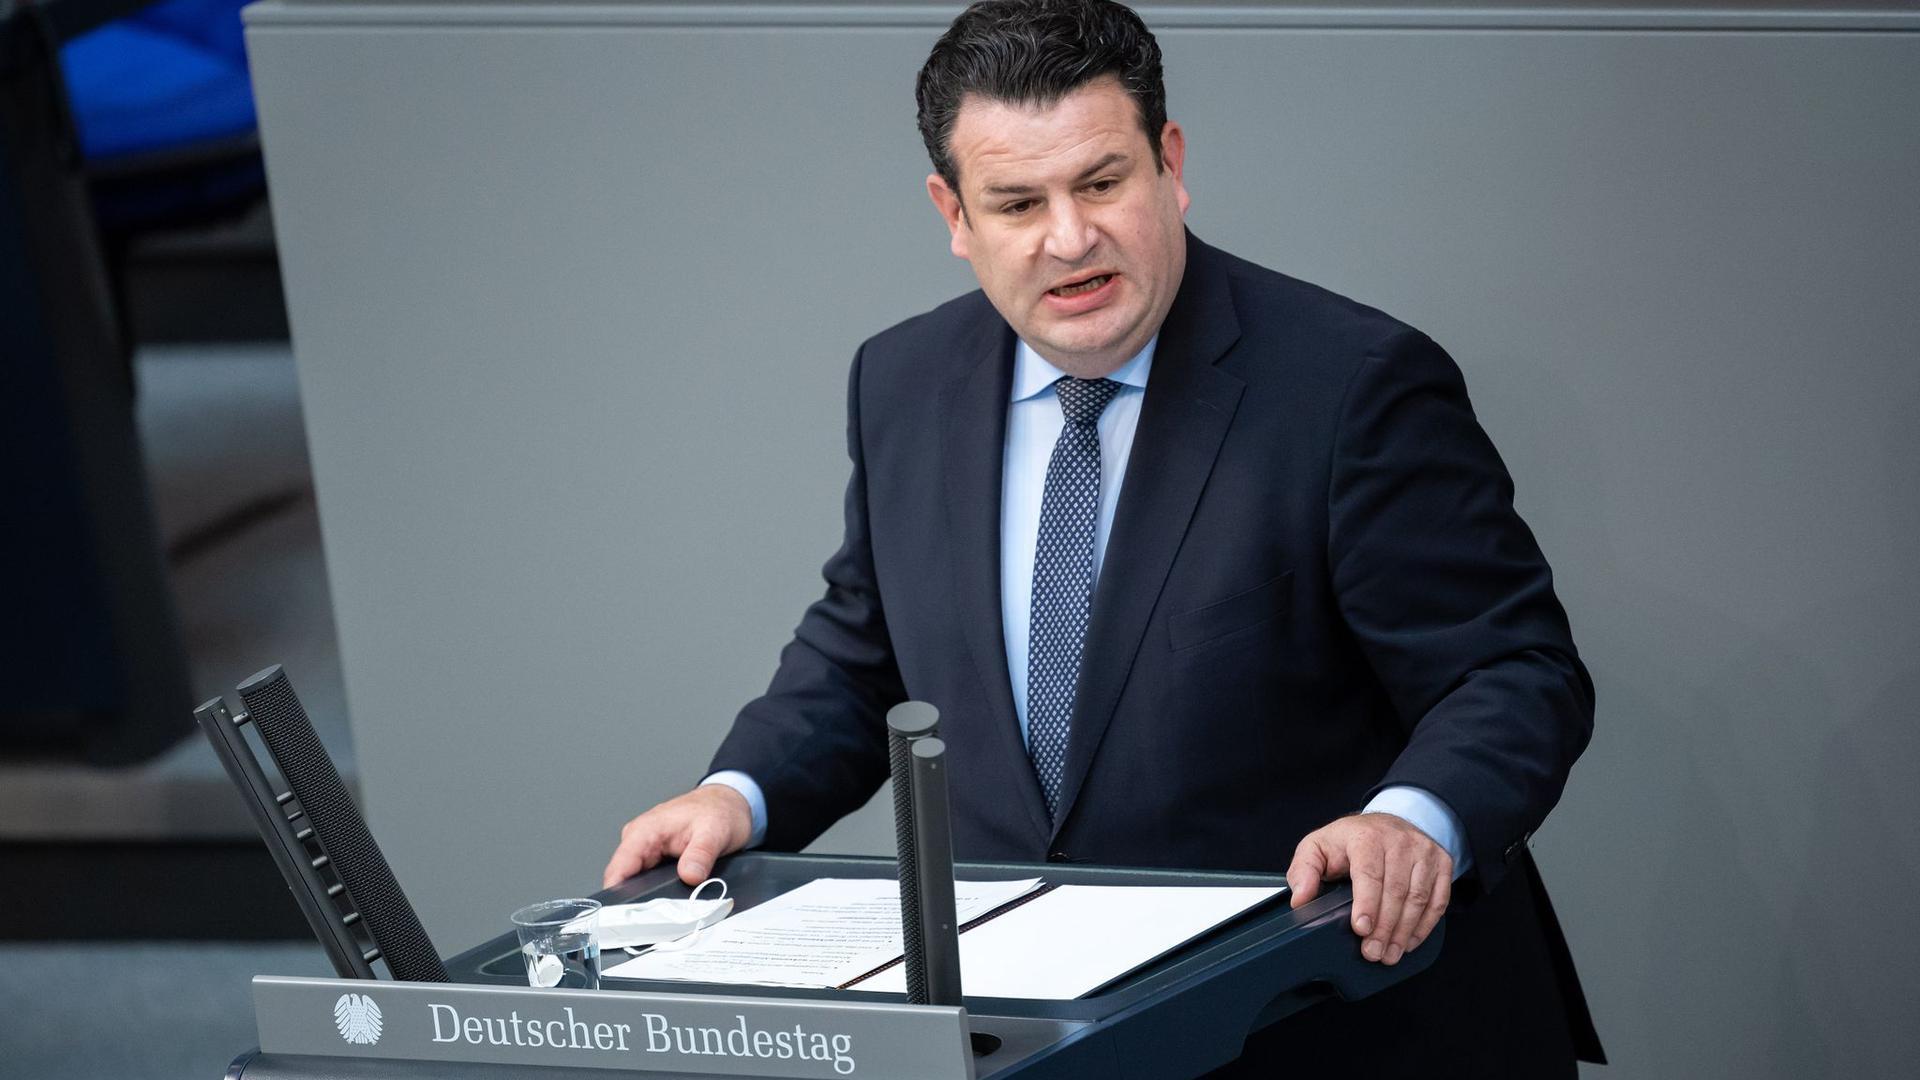 """Arbeitsminister Hubertus Heil sieht die CDU nach dem Abschied von Bundeskanzlerin Angela Merkel auf dem Weg in die """"soziale Kälte""""."""